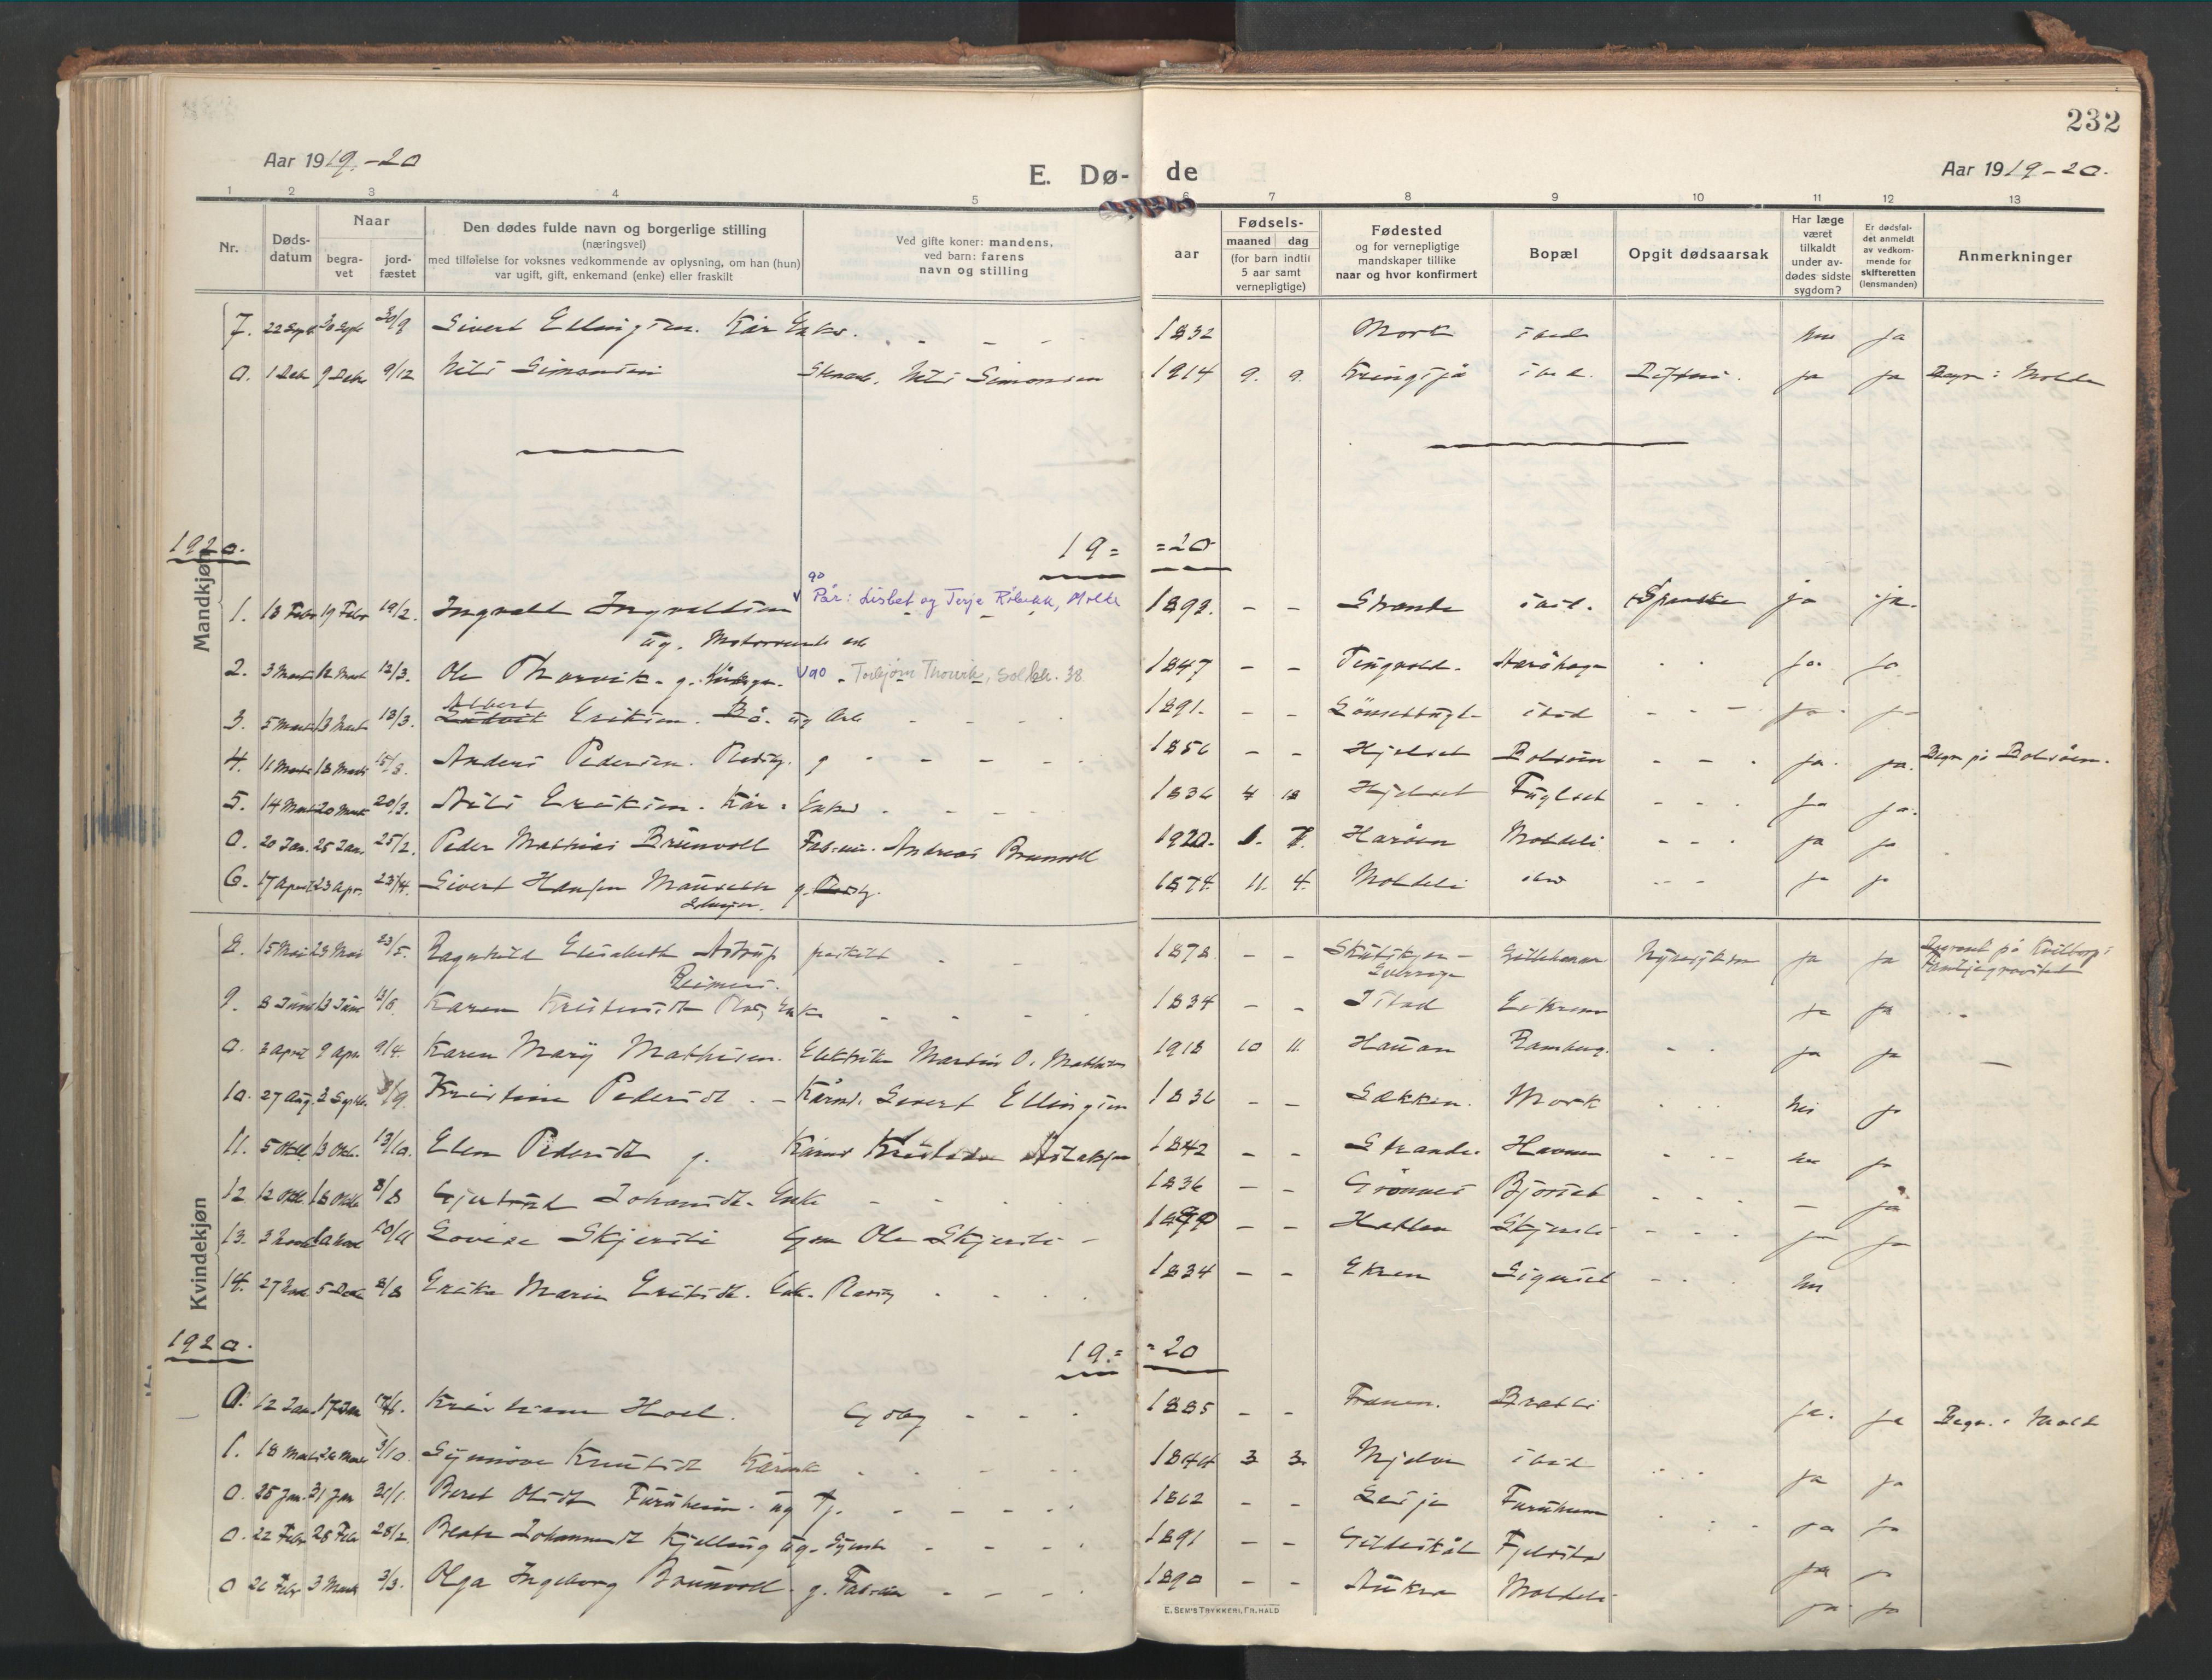 SAT, Ministerialprotokoller, klokkerbøker og fødselsregistre - Møre og Romsdal, 555/L0659: Ministerialbok nr. 555A10, 1913-1971, s. 232